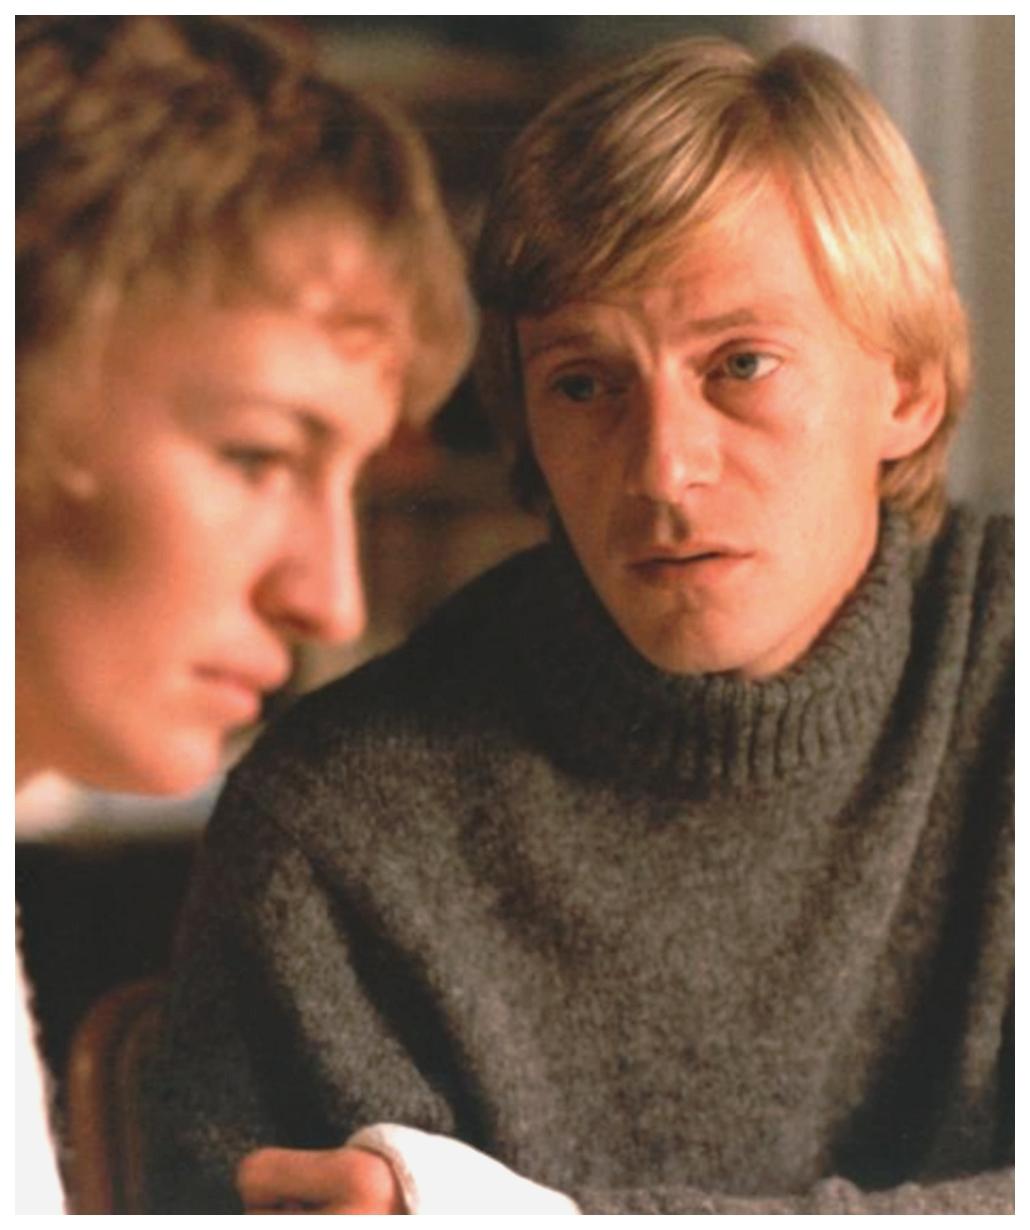 Jesper Christensen and Karen-Lise Mynster in Verden er fuld af børn (1980)